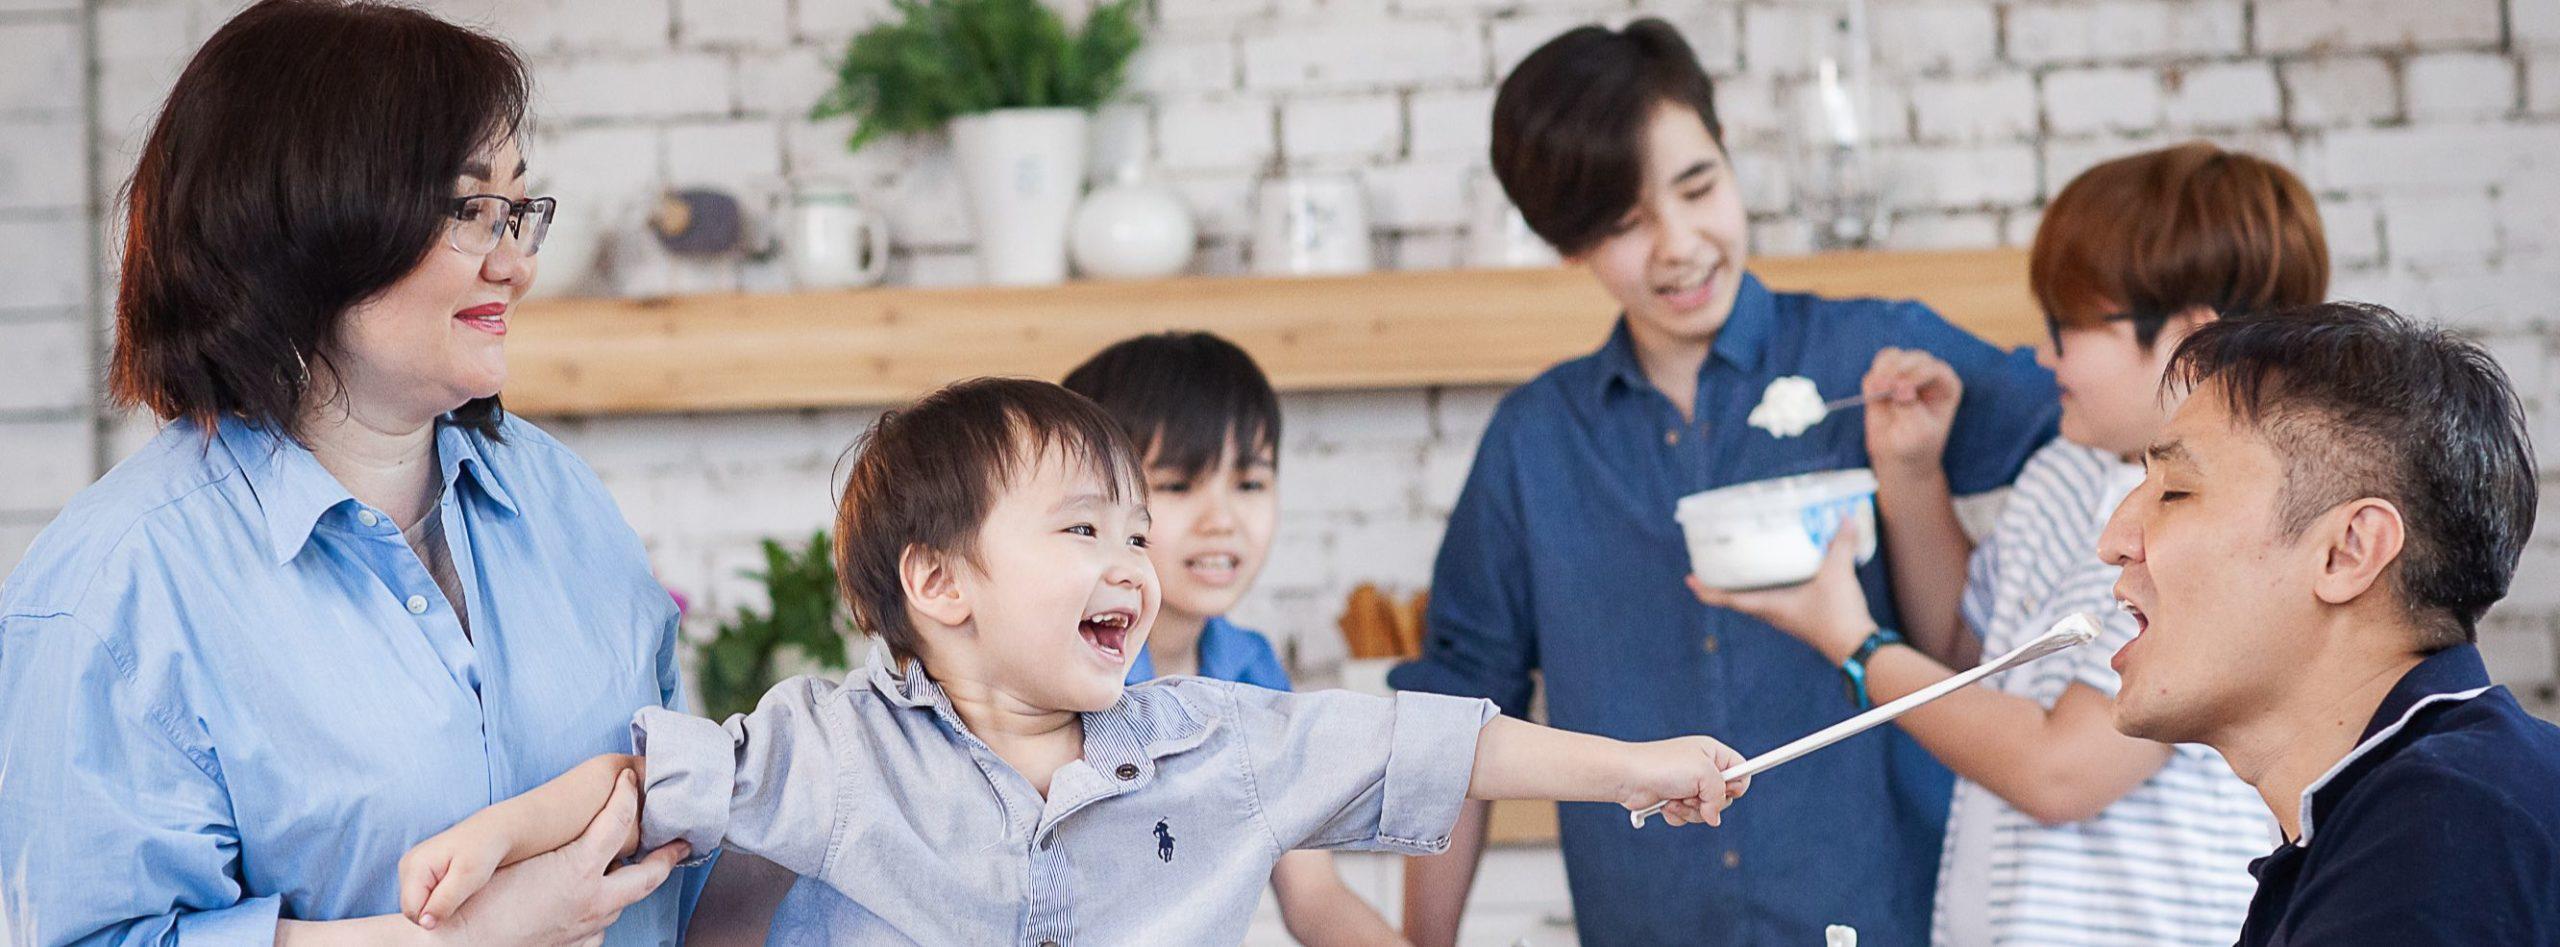 В период карантина в Казахстане выросли продажи мороженого